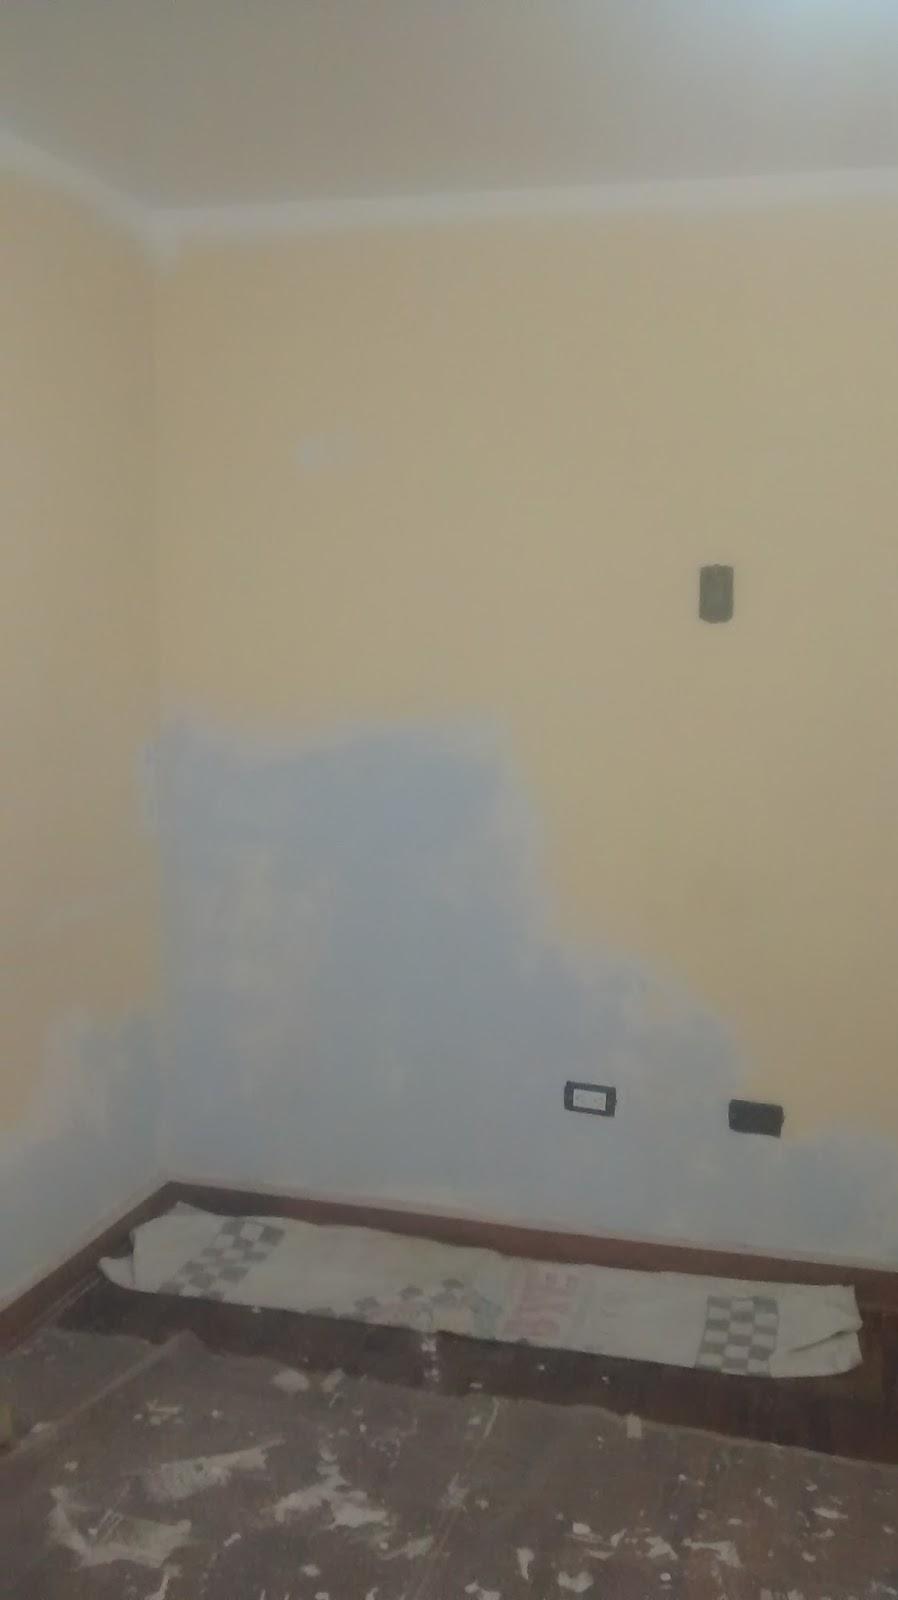 Maestro empastador y pintor de casas en paredperfecta - Como secar las paredes despues de la inundacion ...